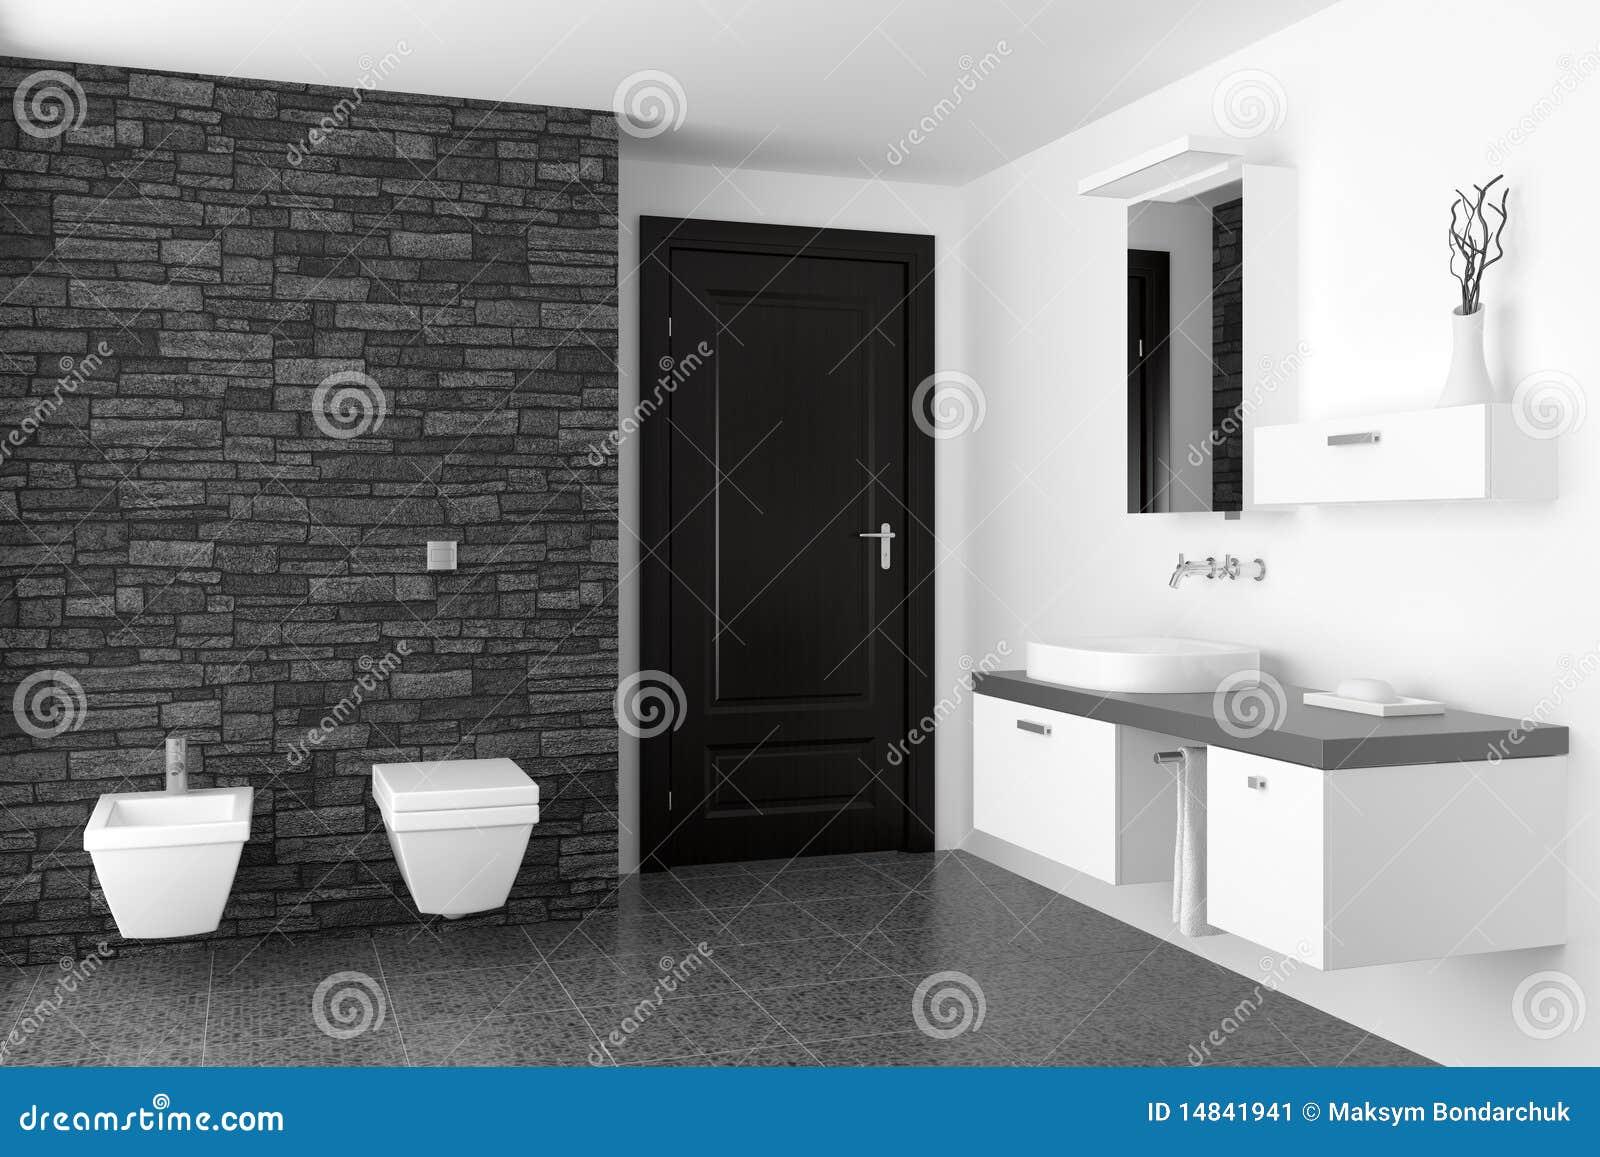 Banheiro Moderno Com A Parede De Pedra Preta Imagem de Stock Imagem  #86A922 1300x957 Banheiro Branco Moderno